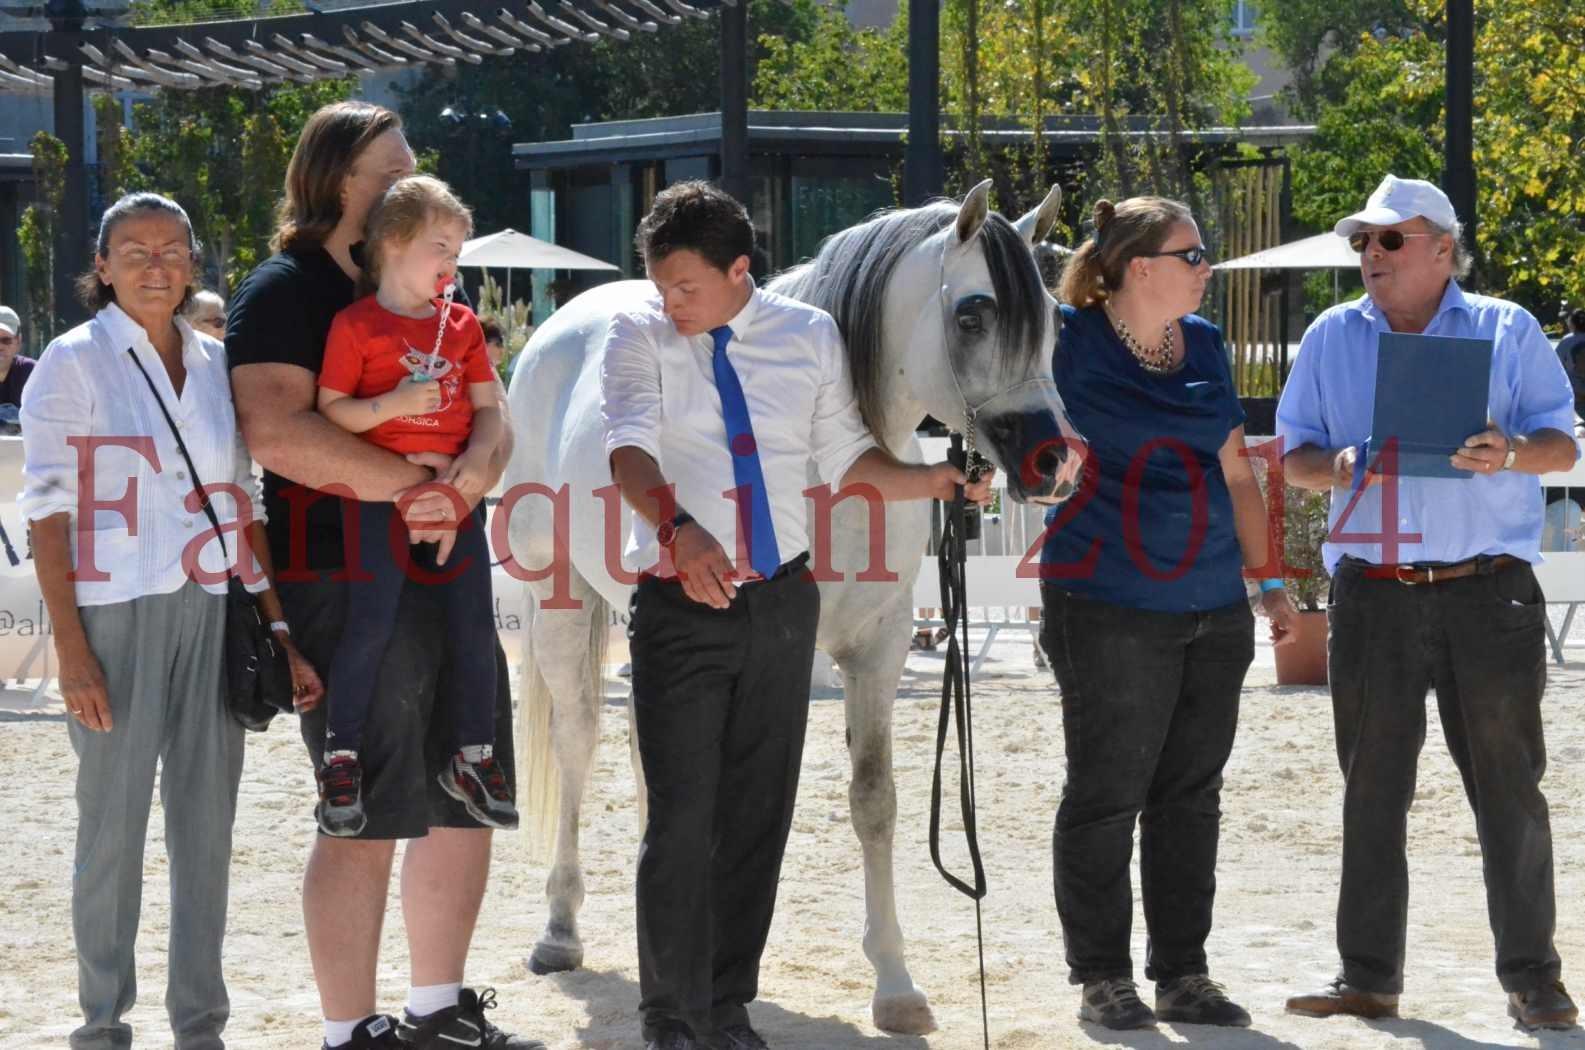 Concours National de Nîmes de chevaux ARABES 2014 - Sélection - SHAOLIN DE NEDJAIA - 92